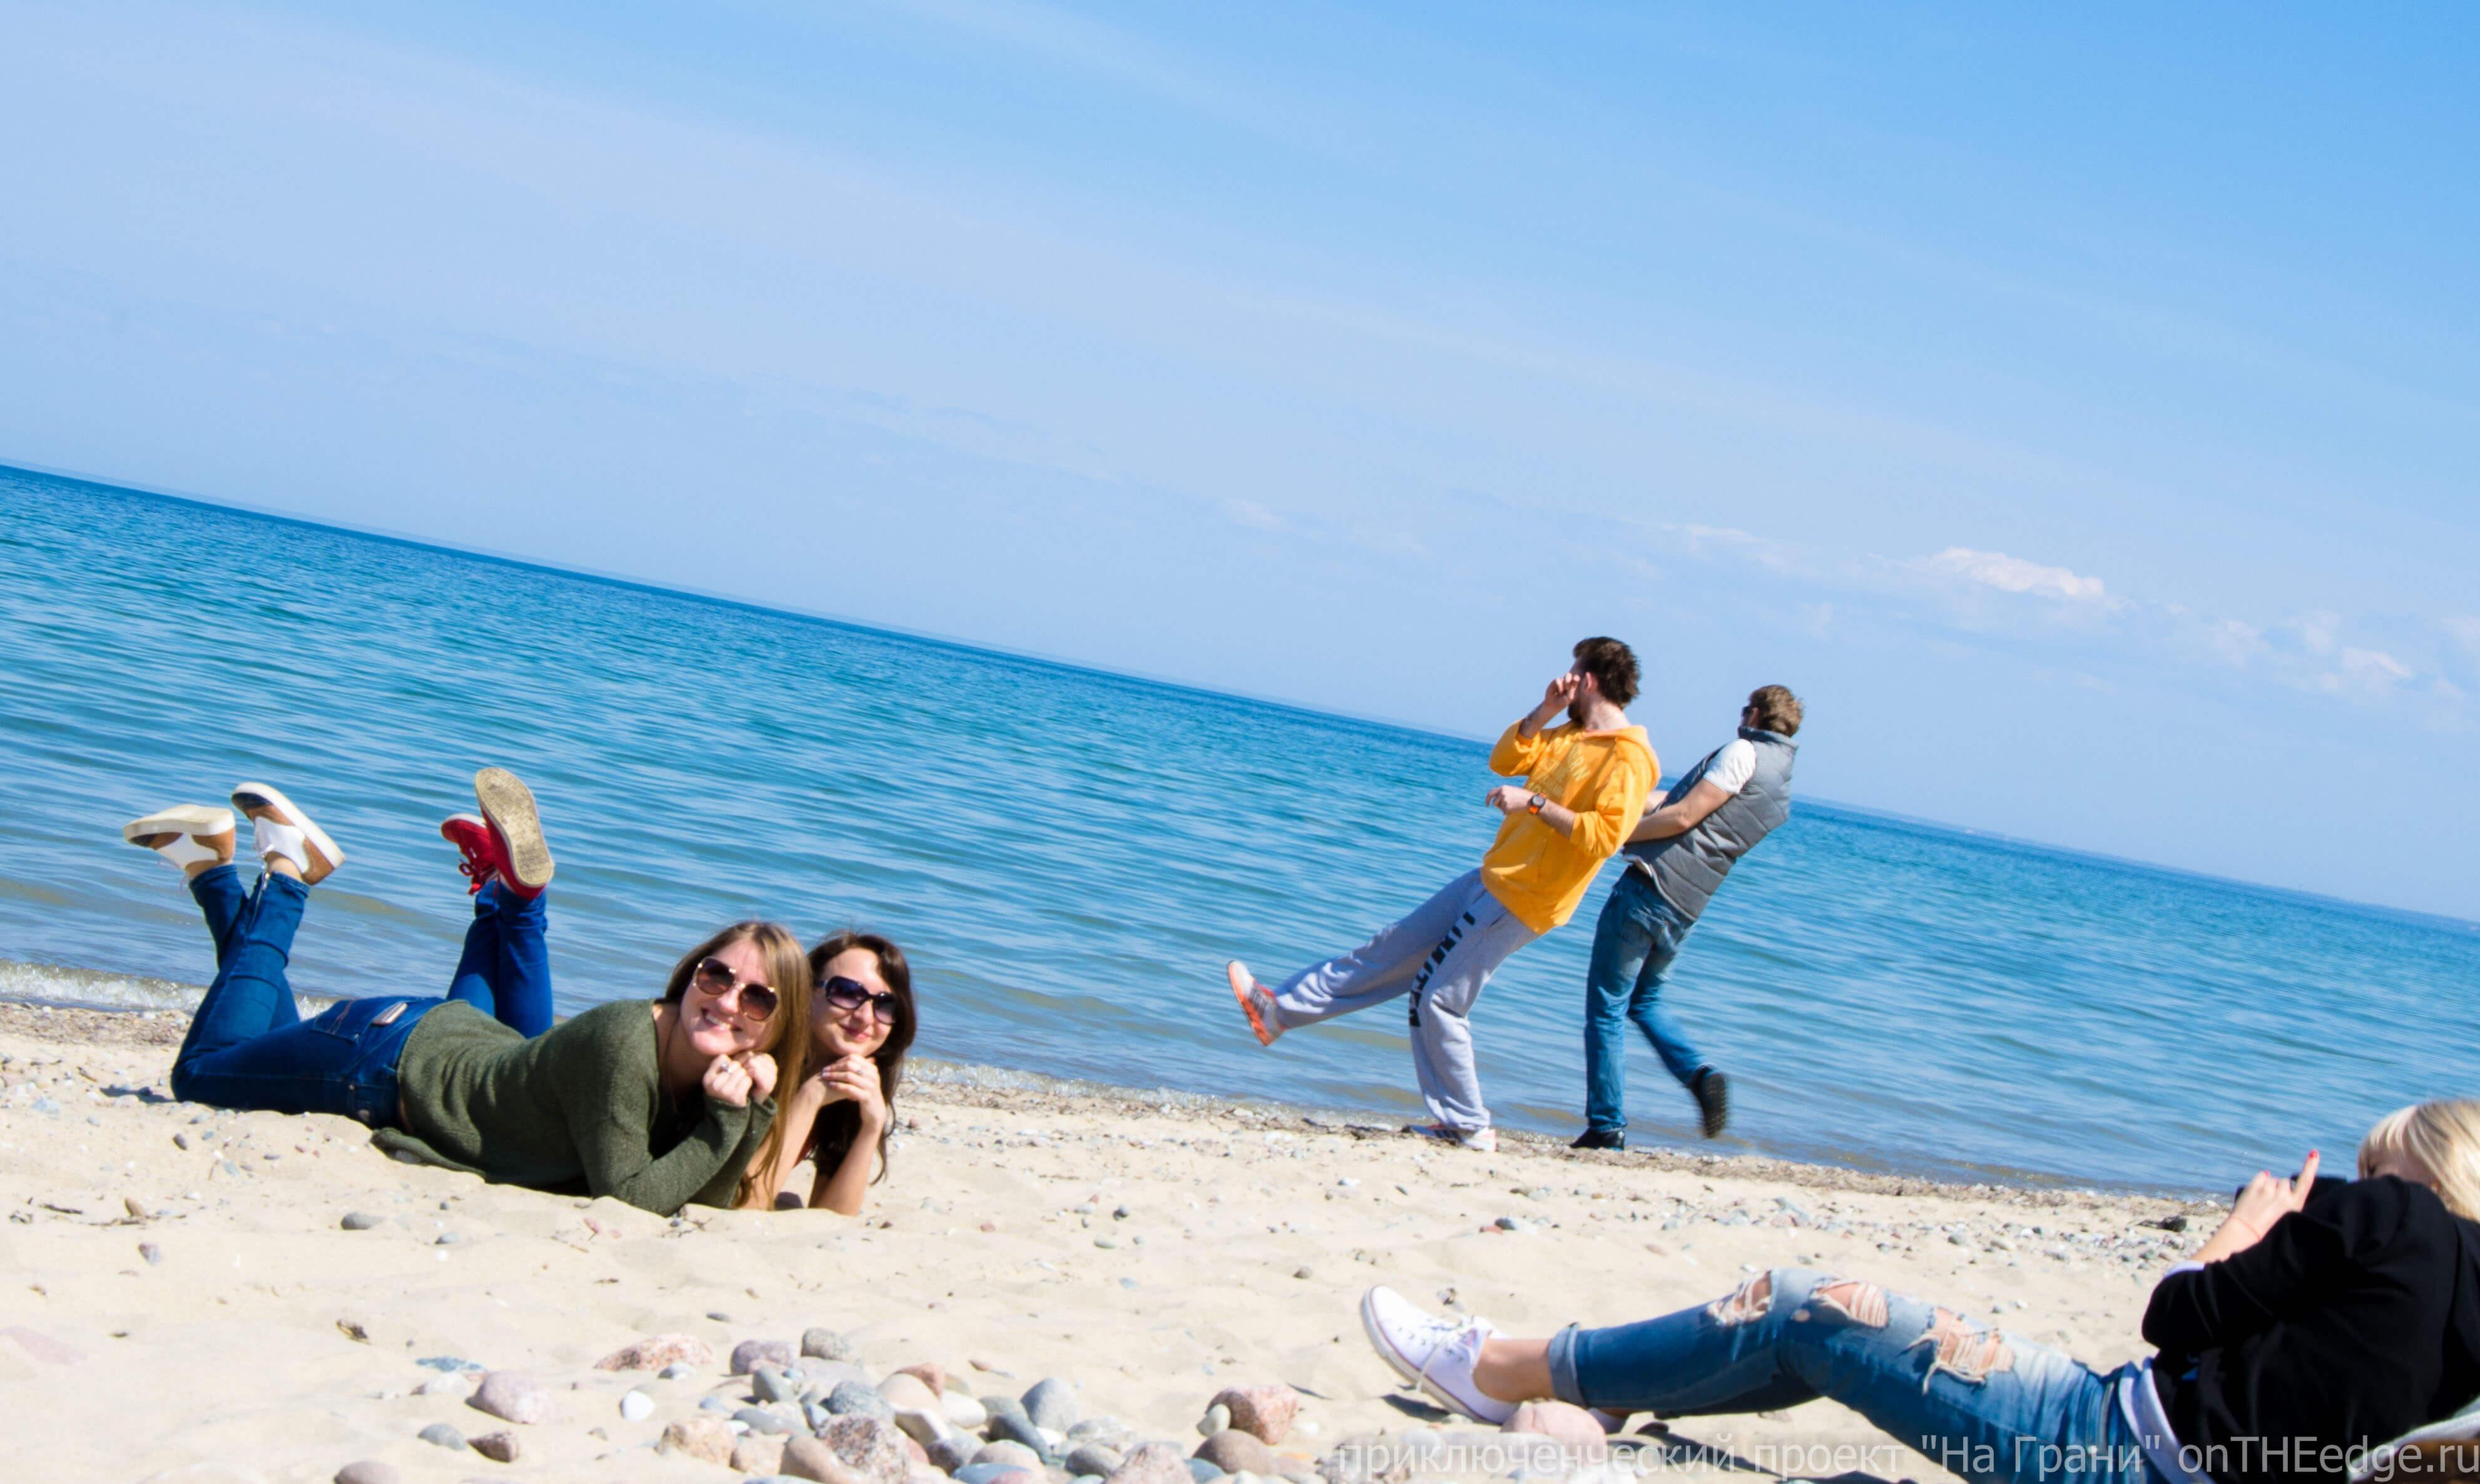 позирование-на-пляже-опять 21